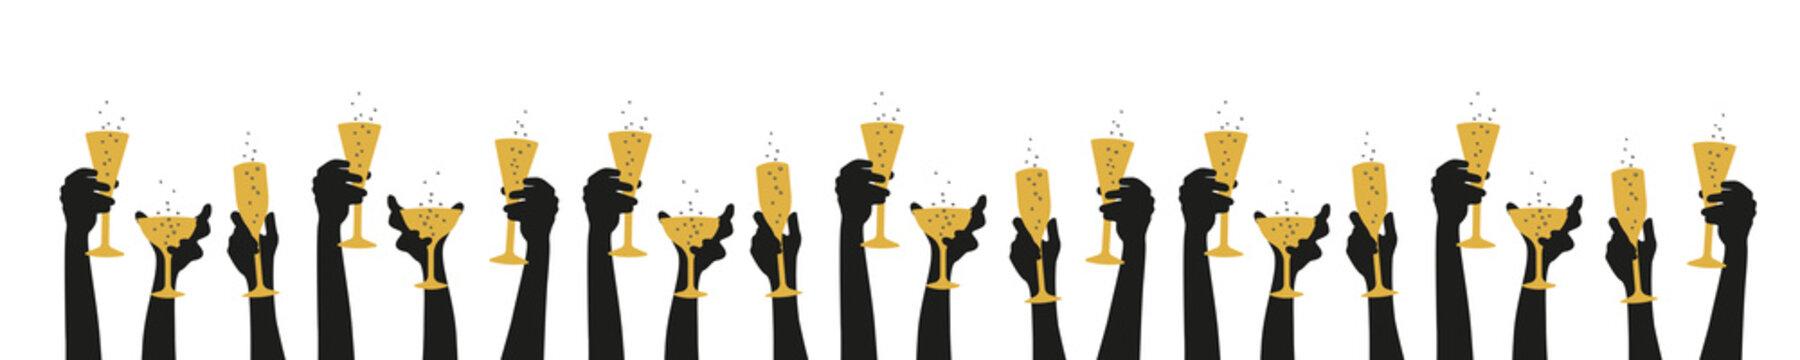 Hände halten Gläser nach oben - Party anstossen